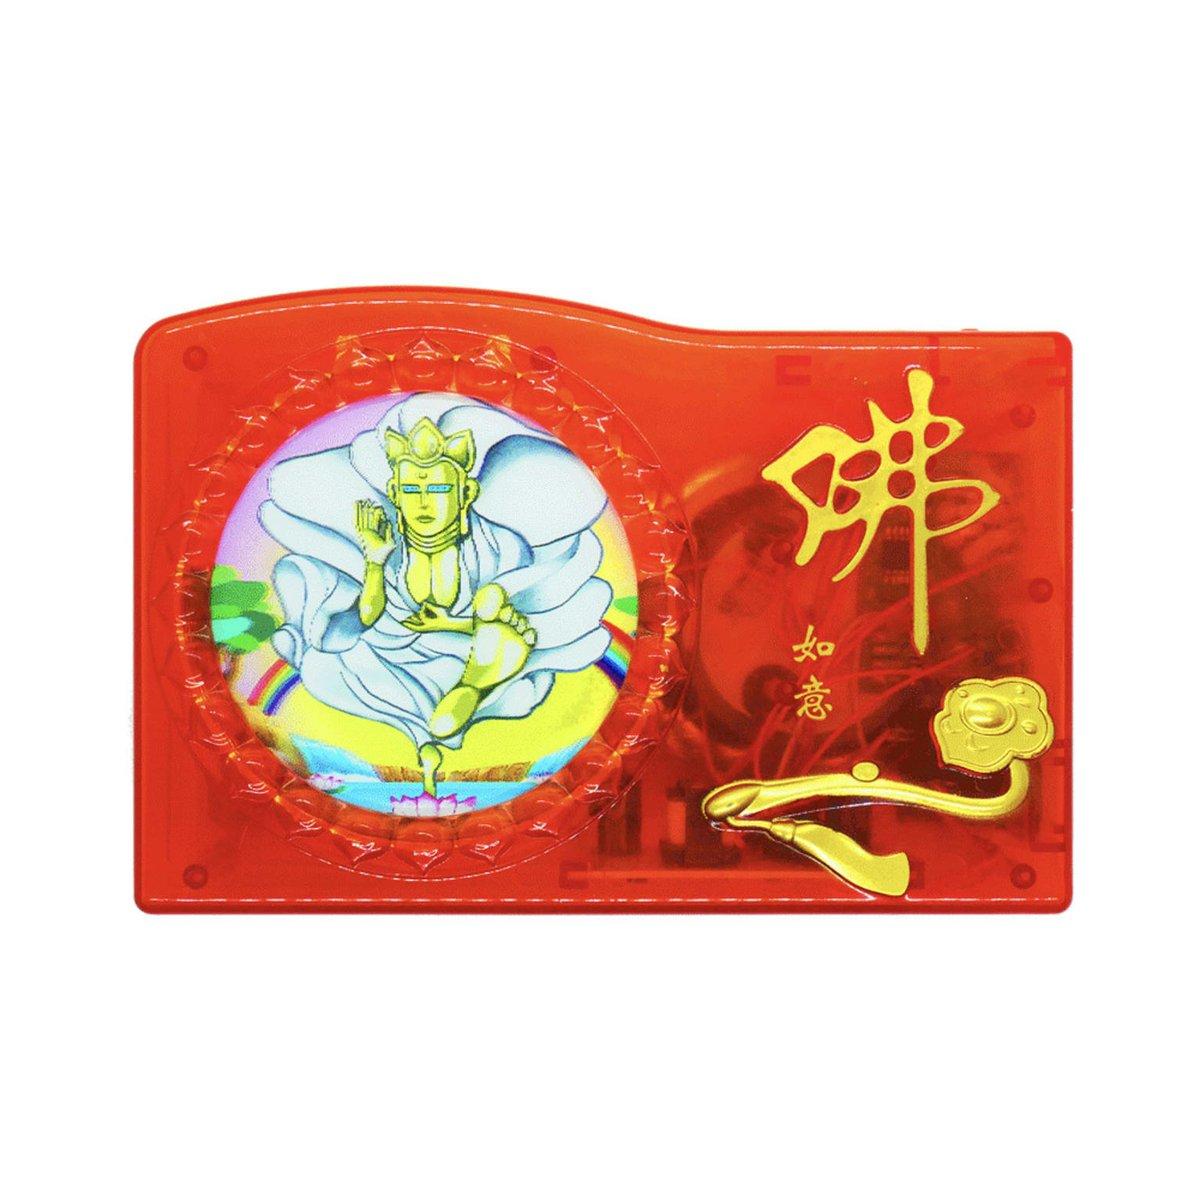 日本初のブッダマシーン、5宗派の念仏や読経を収録したジュークボックス発売